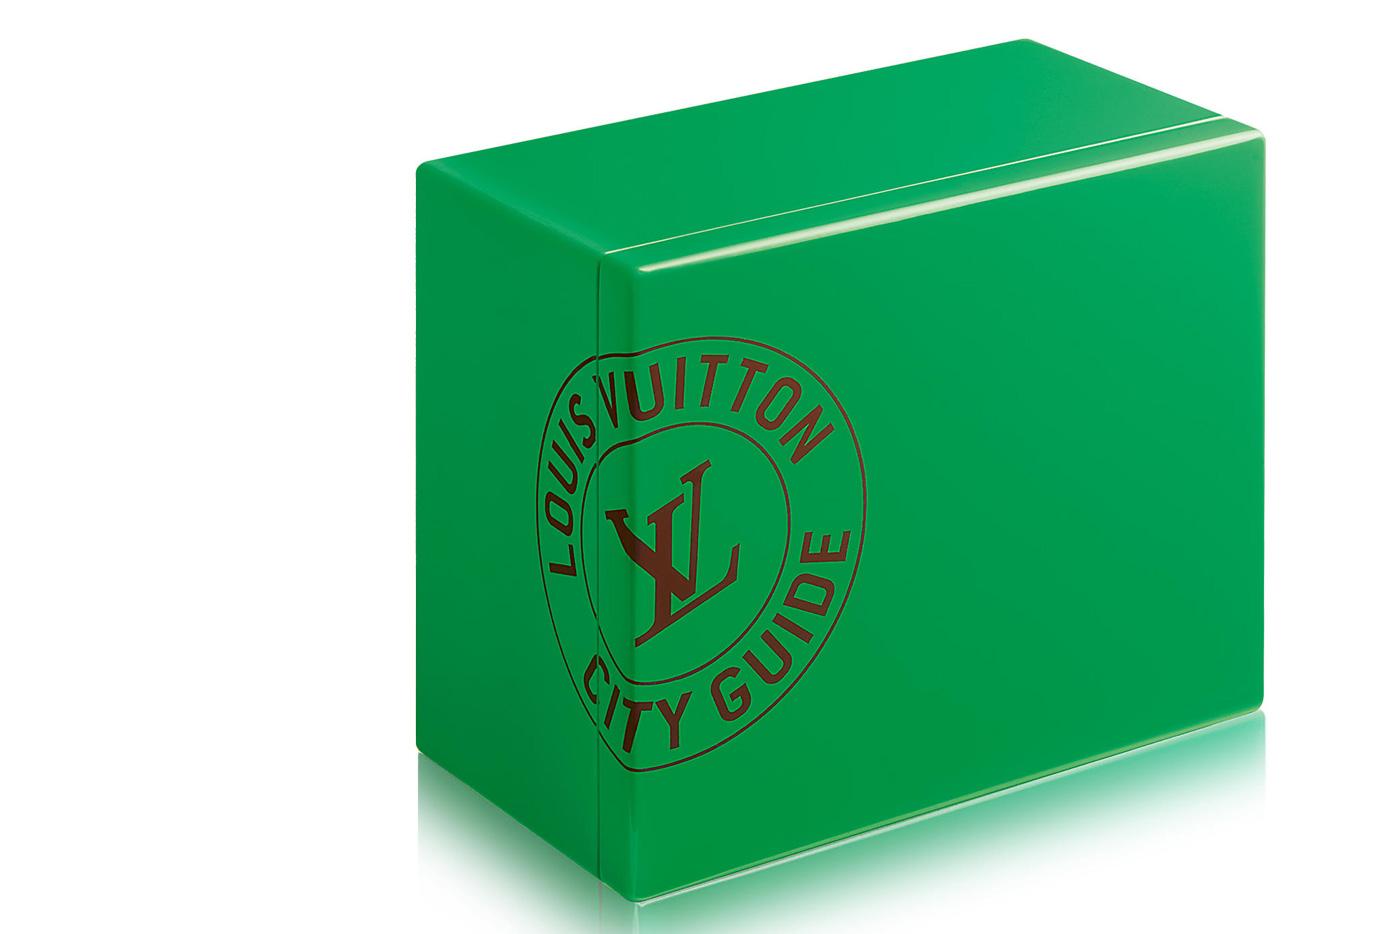 Guide-Vuitton-cofanetto-1